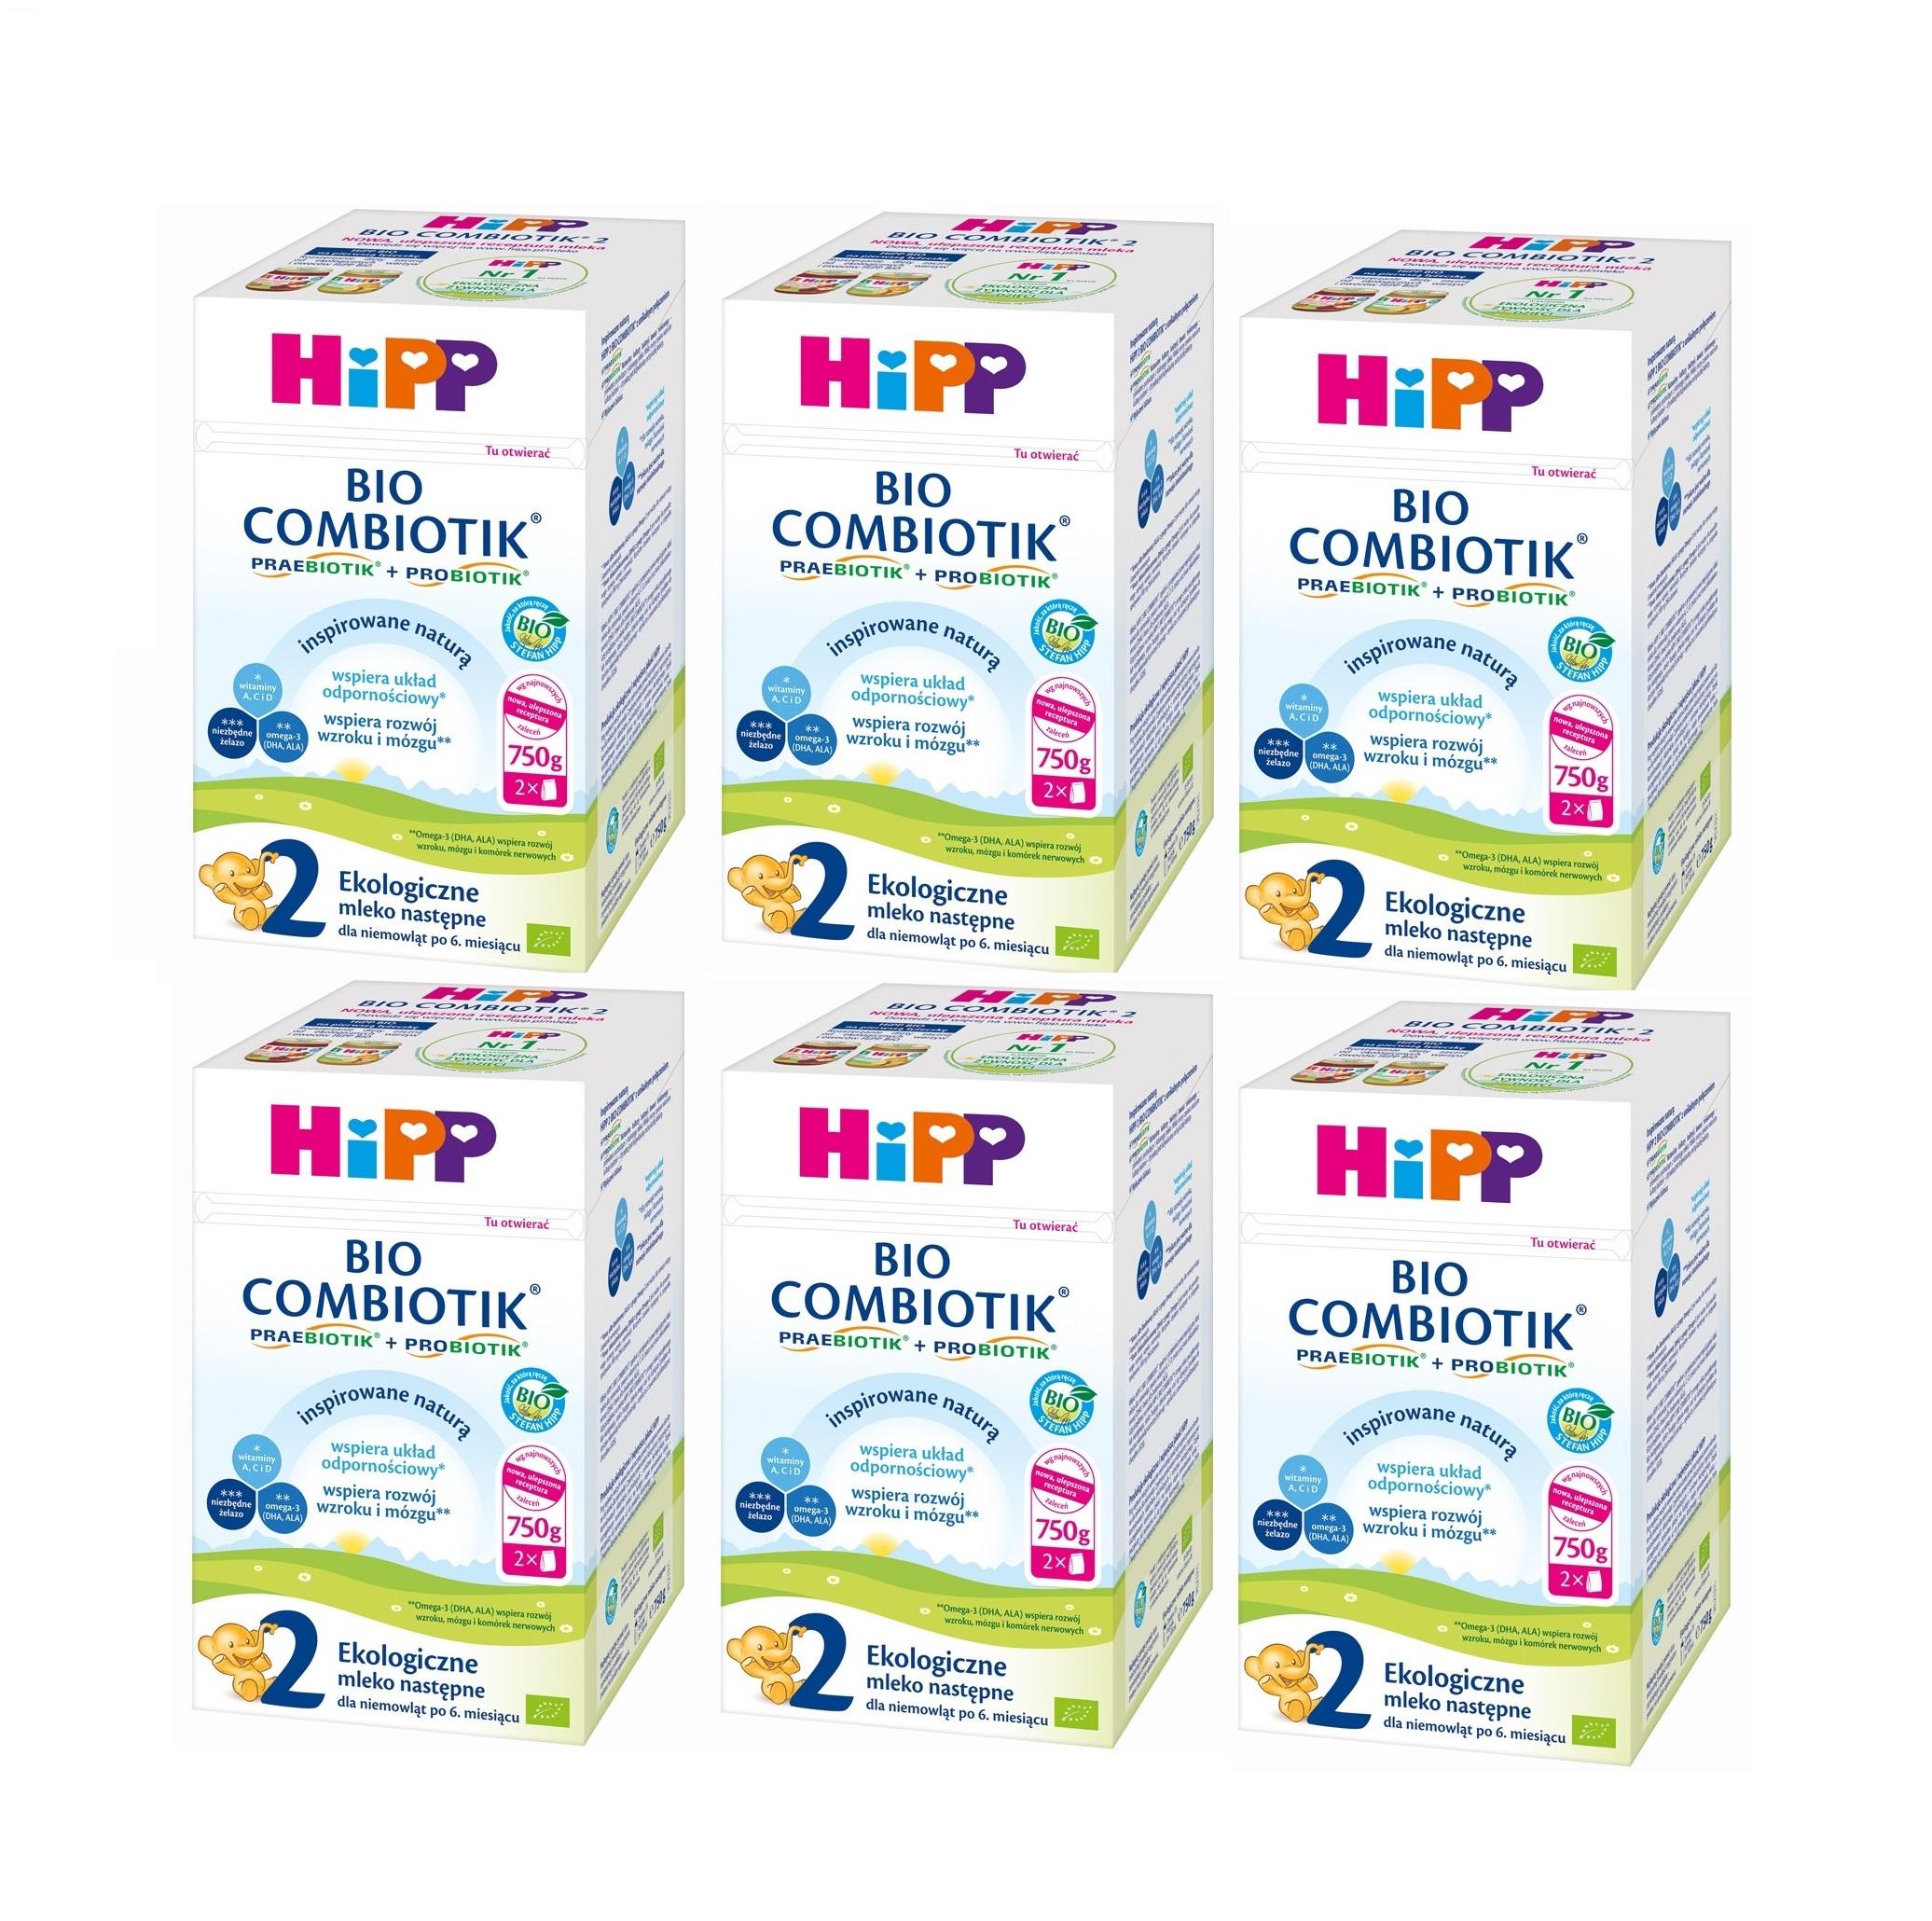 mleko 2 6x_750g hipp bez znaczka